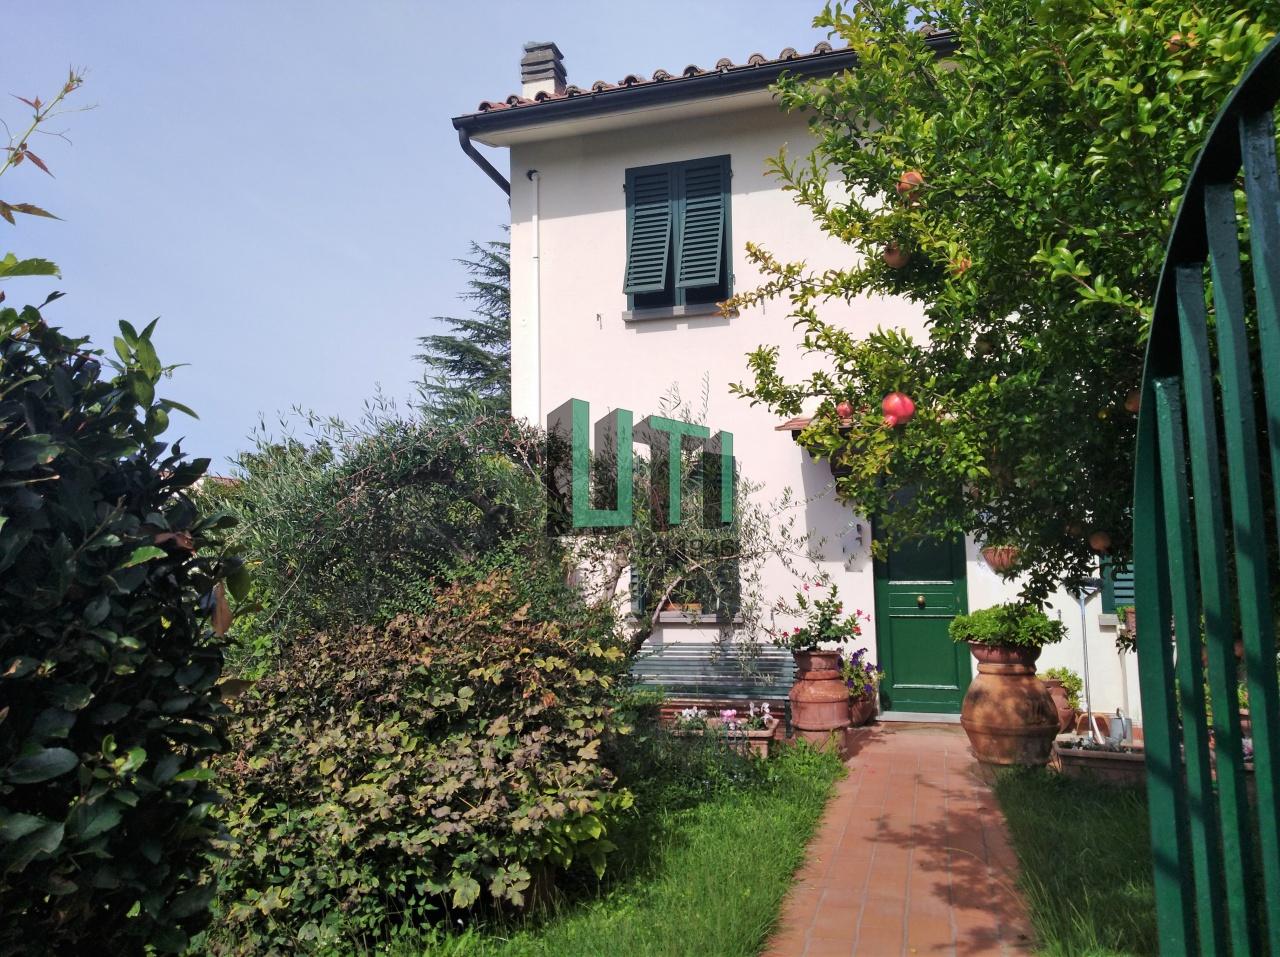 vendita terratetto bagno a ripoli antella  595000 euro  7 locali  180 mq